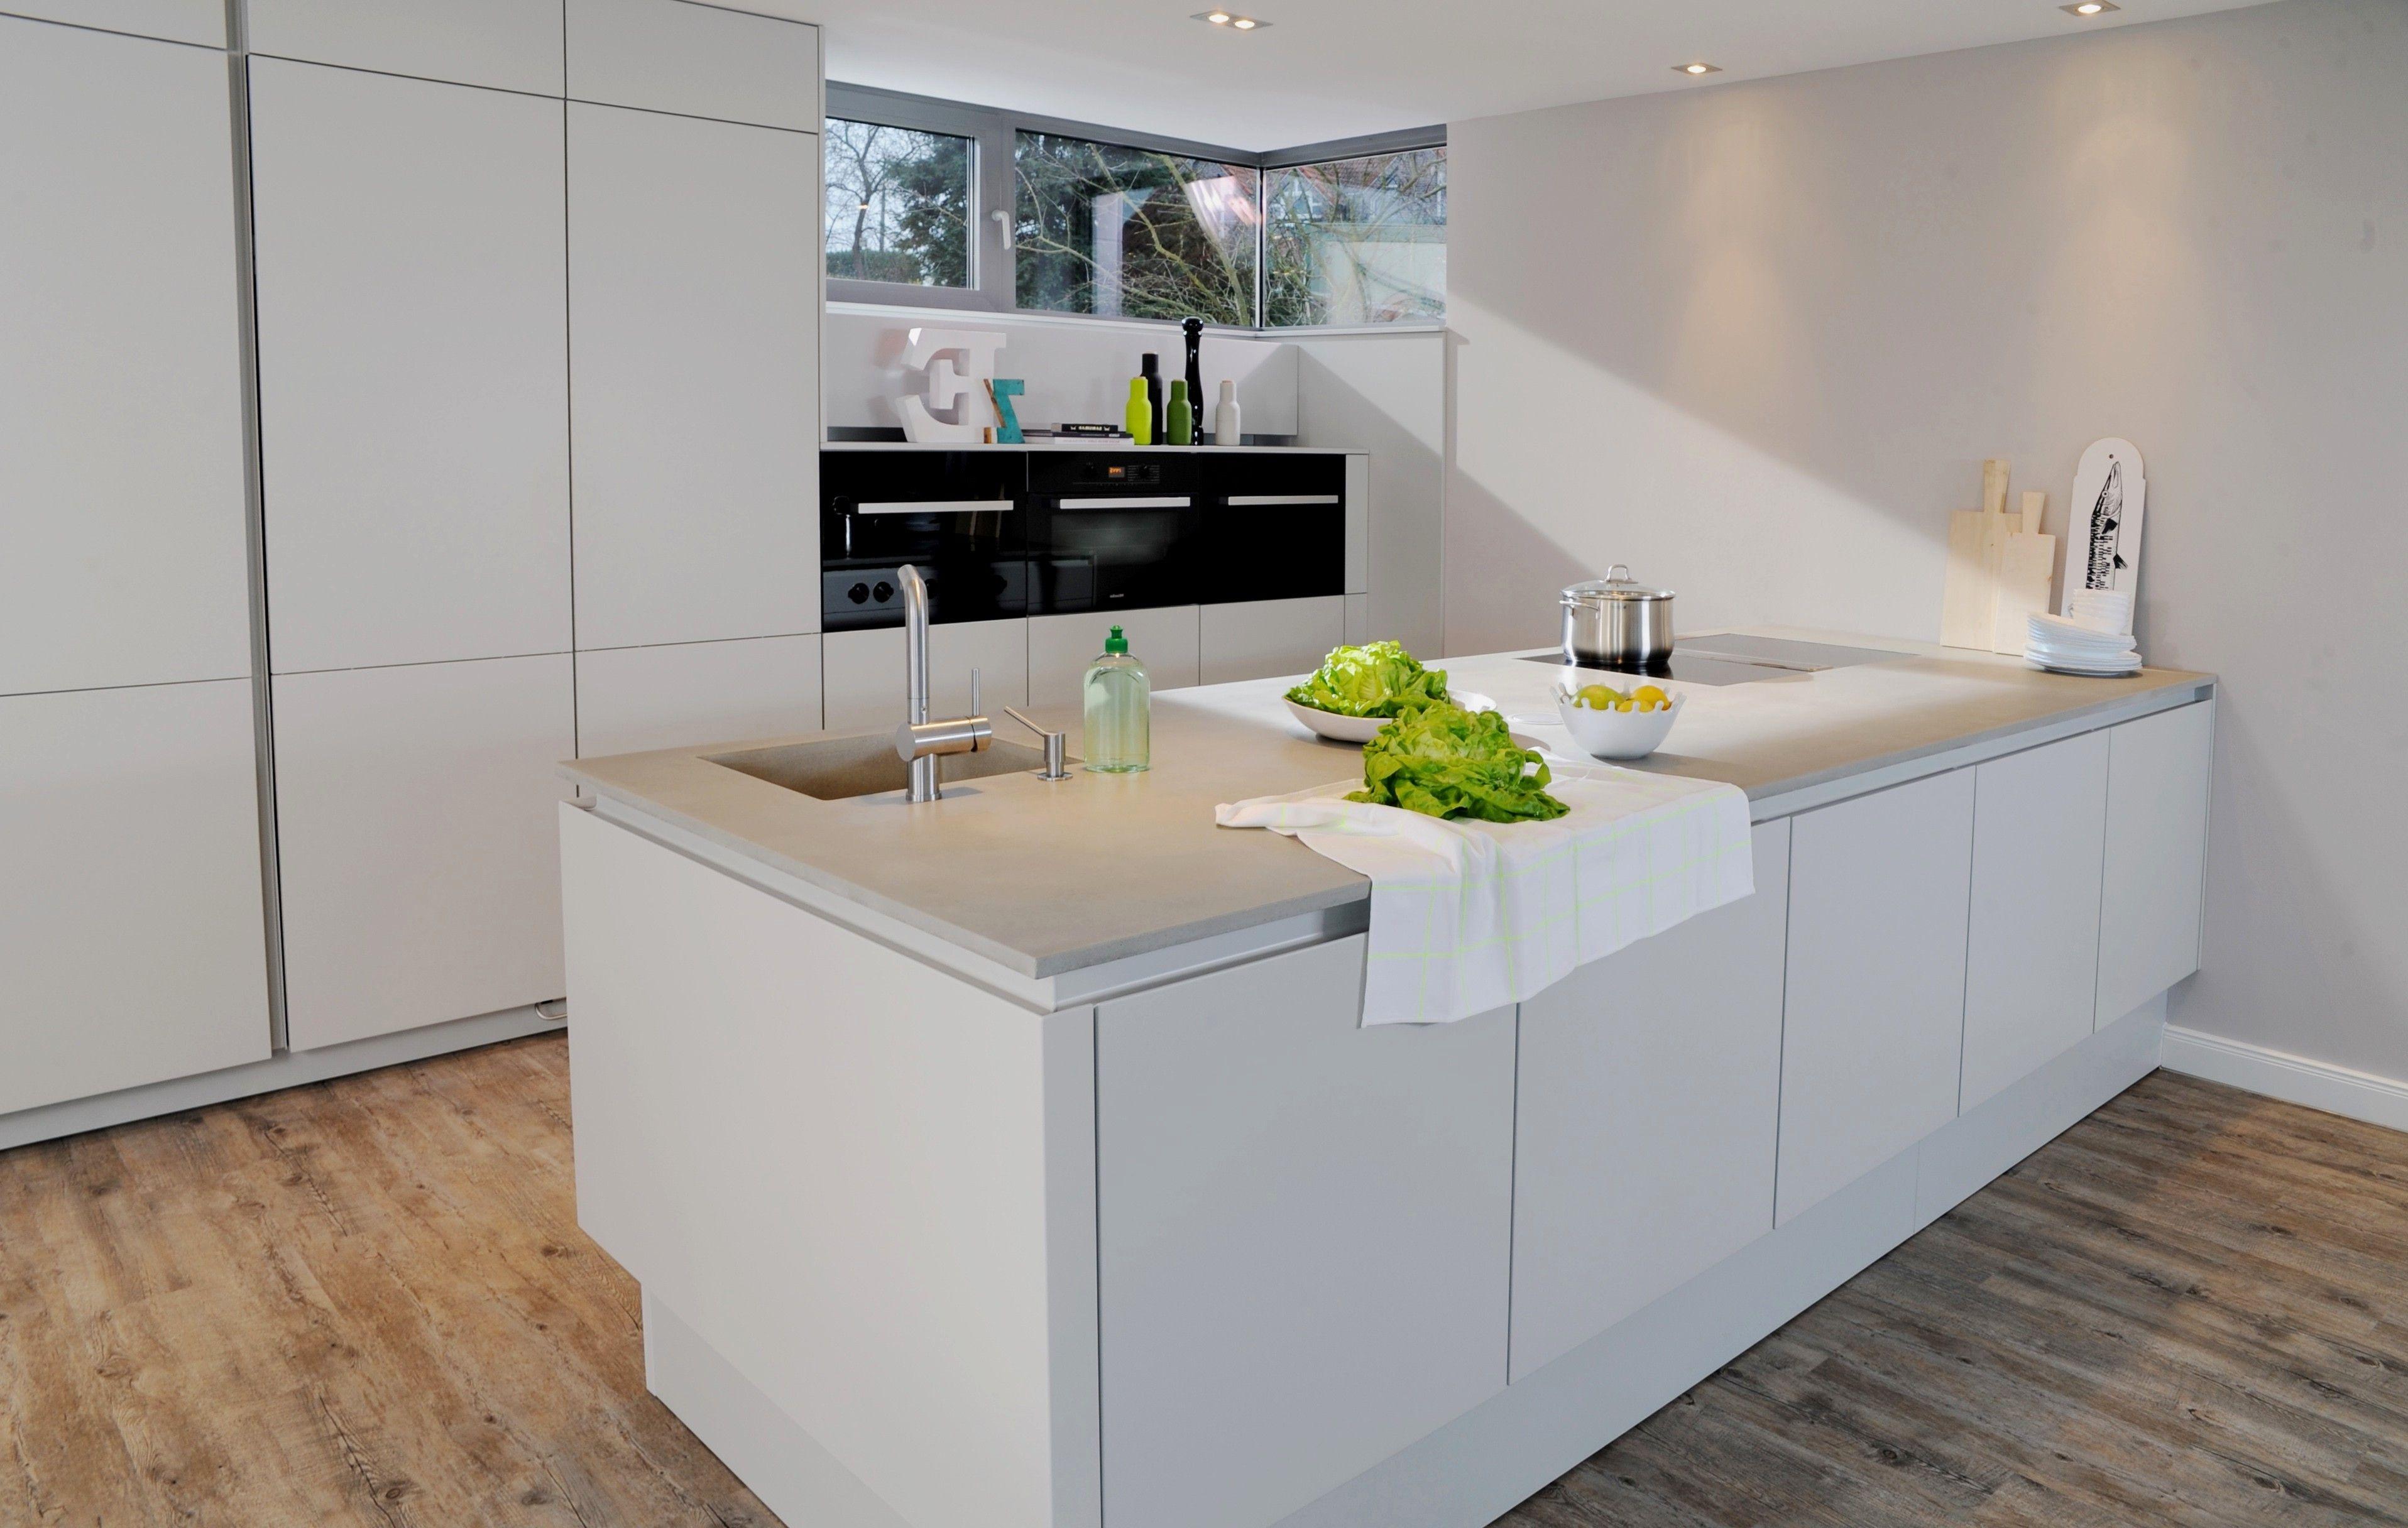 48 Das Beste Von Arbeitsplatte Kuche Dunn Kitchen Cabinet Remodel Glossy Kitchen Kitchen Remodel